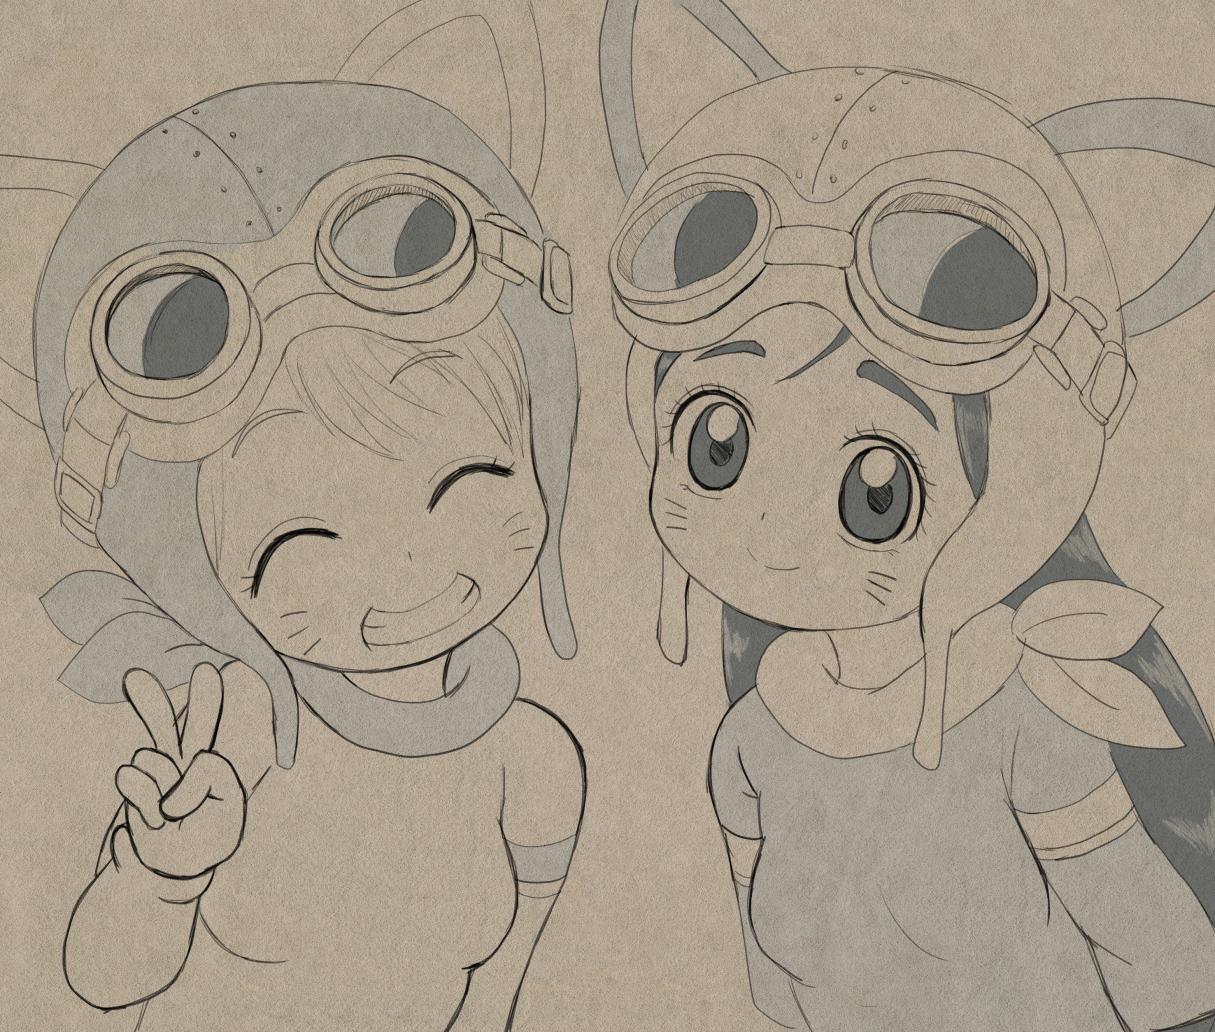 もものじ momonoji (@masarusan_ara)さんのイラスト